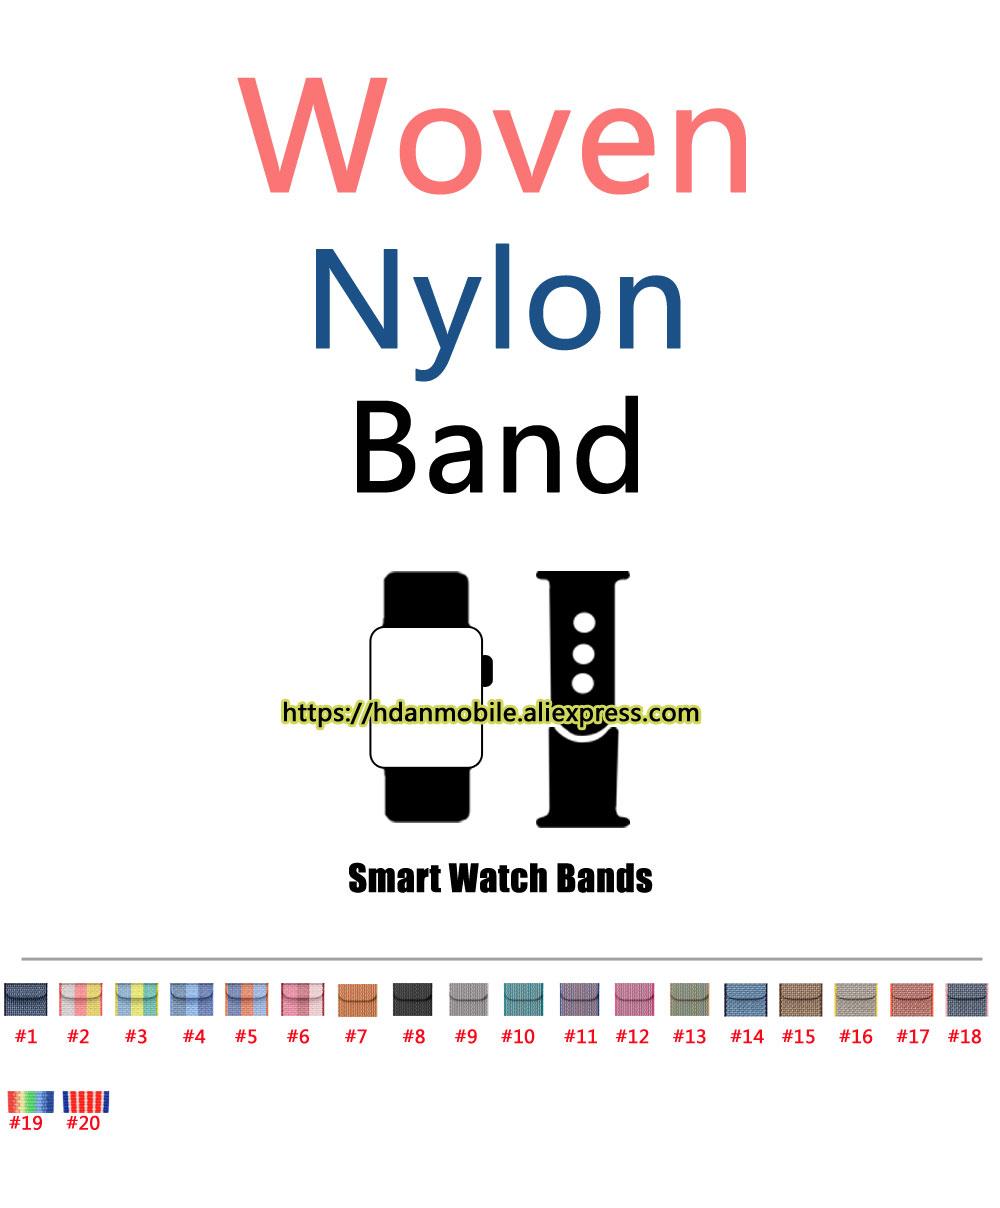 Prix pour Nouvelle Arrivée Sangle En Nylon pour iWatch Bande Nylon Bande Avec Adaptateur Intégré, pour iWatch Nylon Bande 42 MM/38 MM